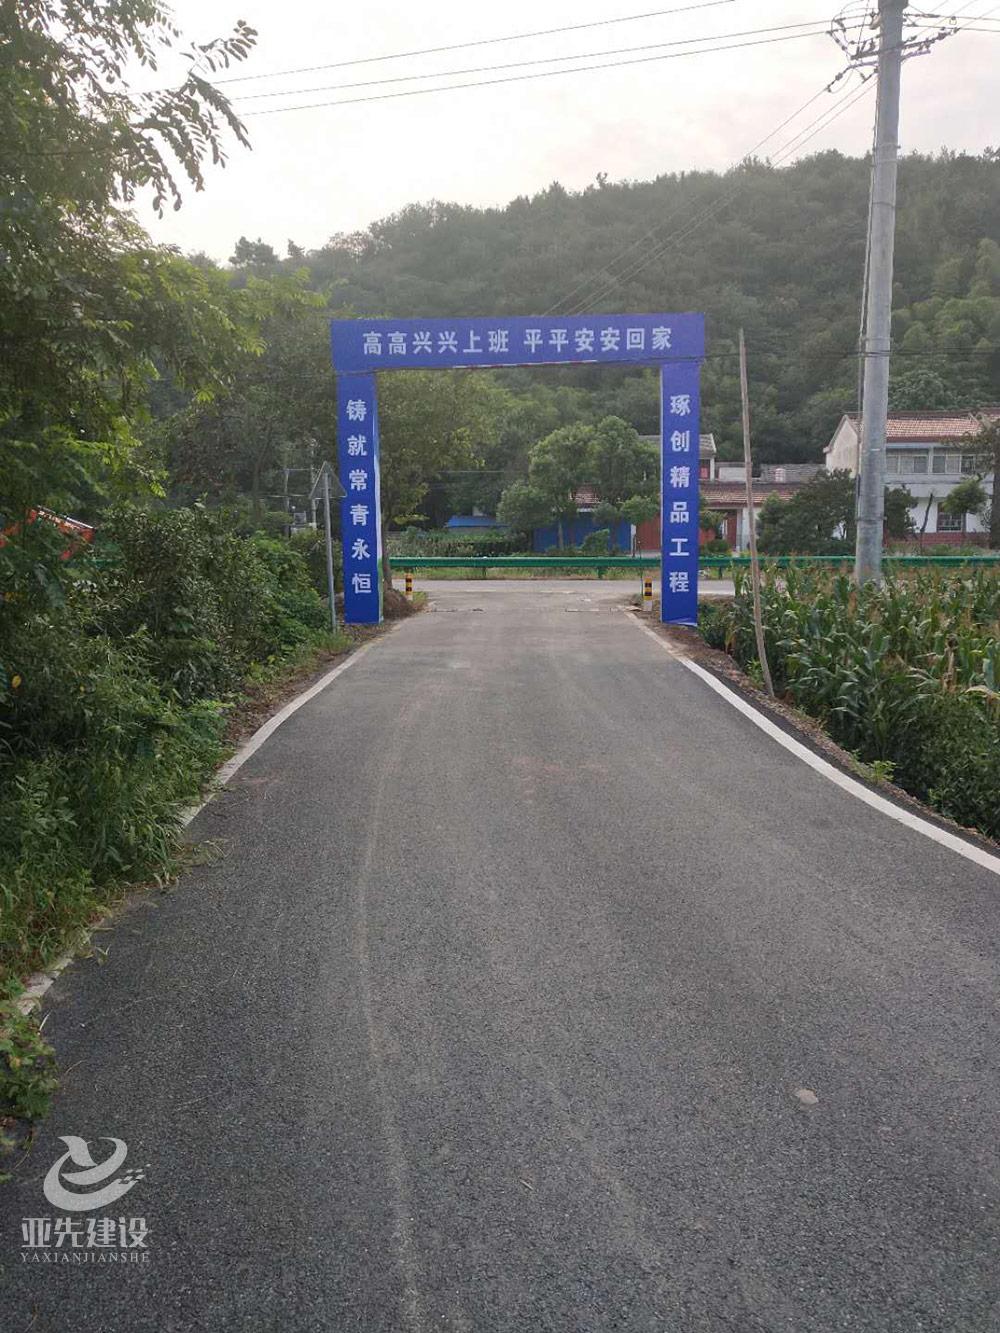 安凹十里长冲民宿项目